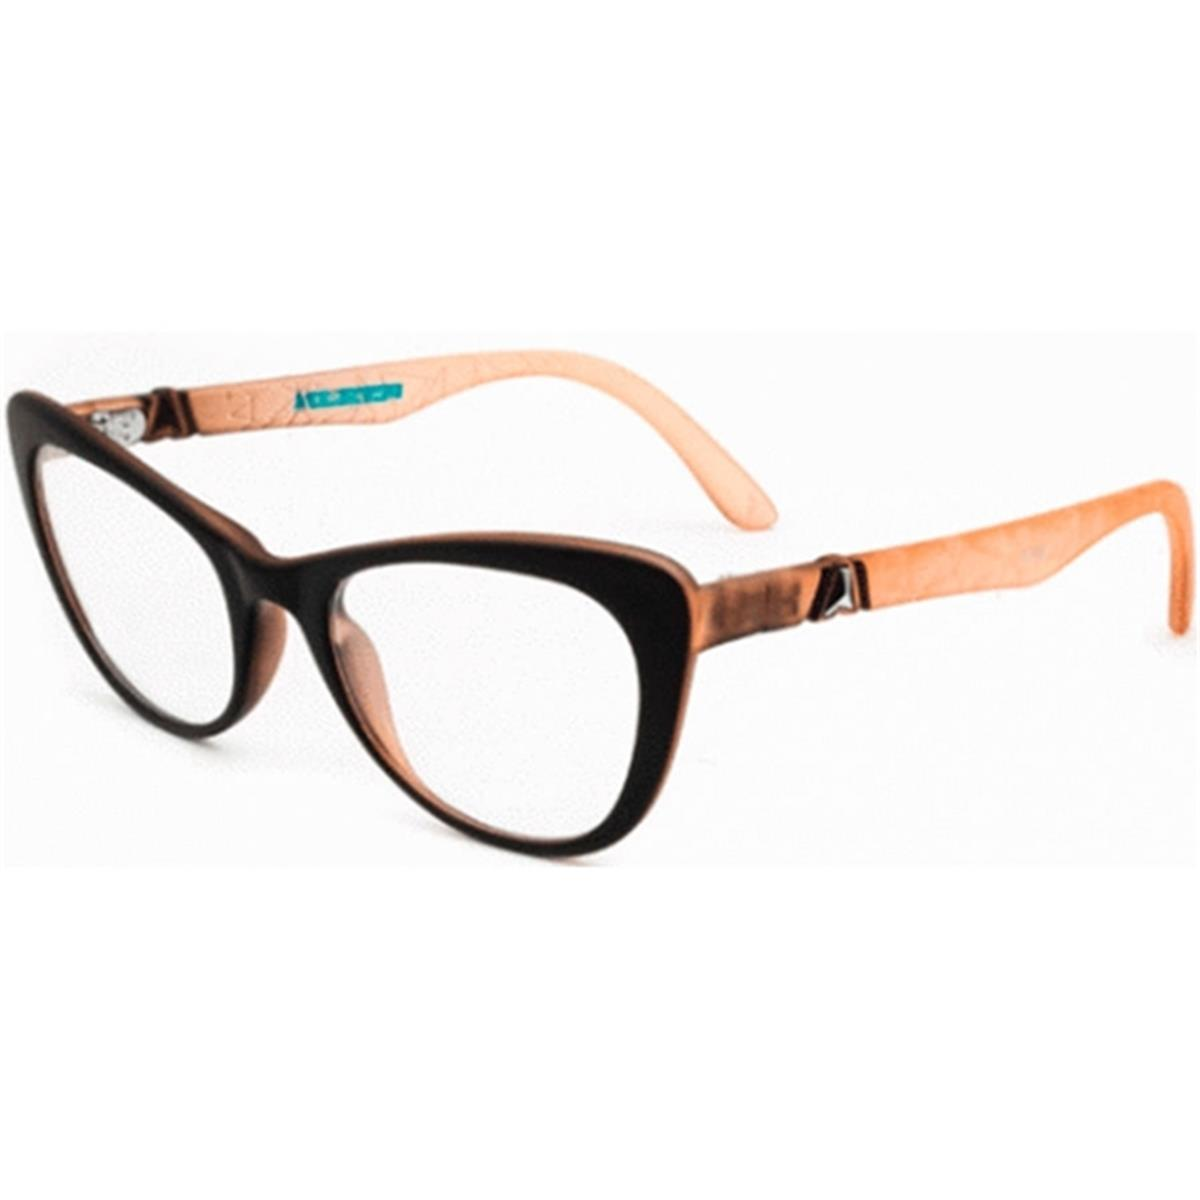 Armação para Óculos de Grau Feminino Retrô Retiro Absurda f9ac832bdf